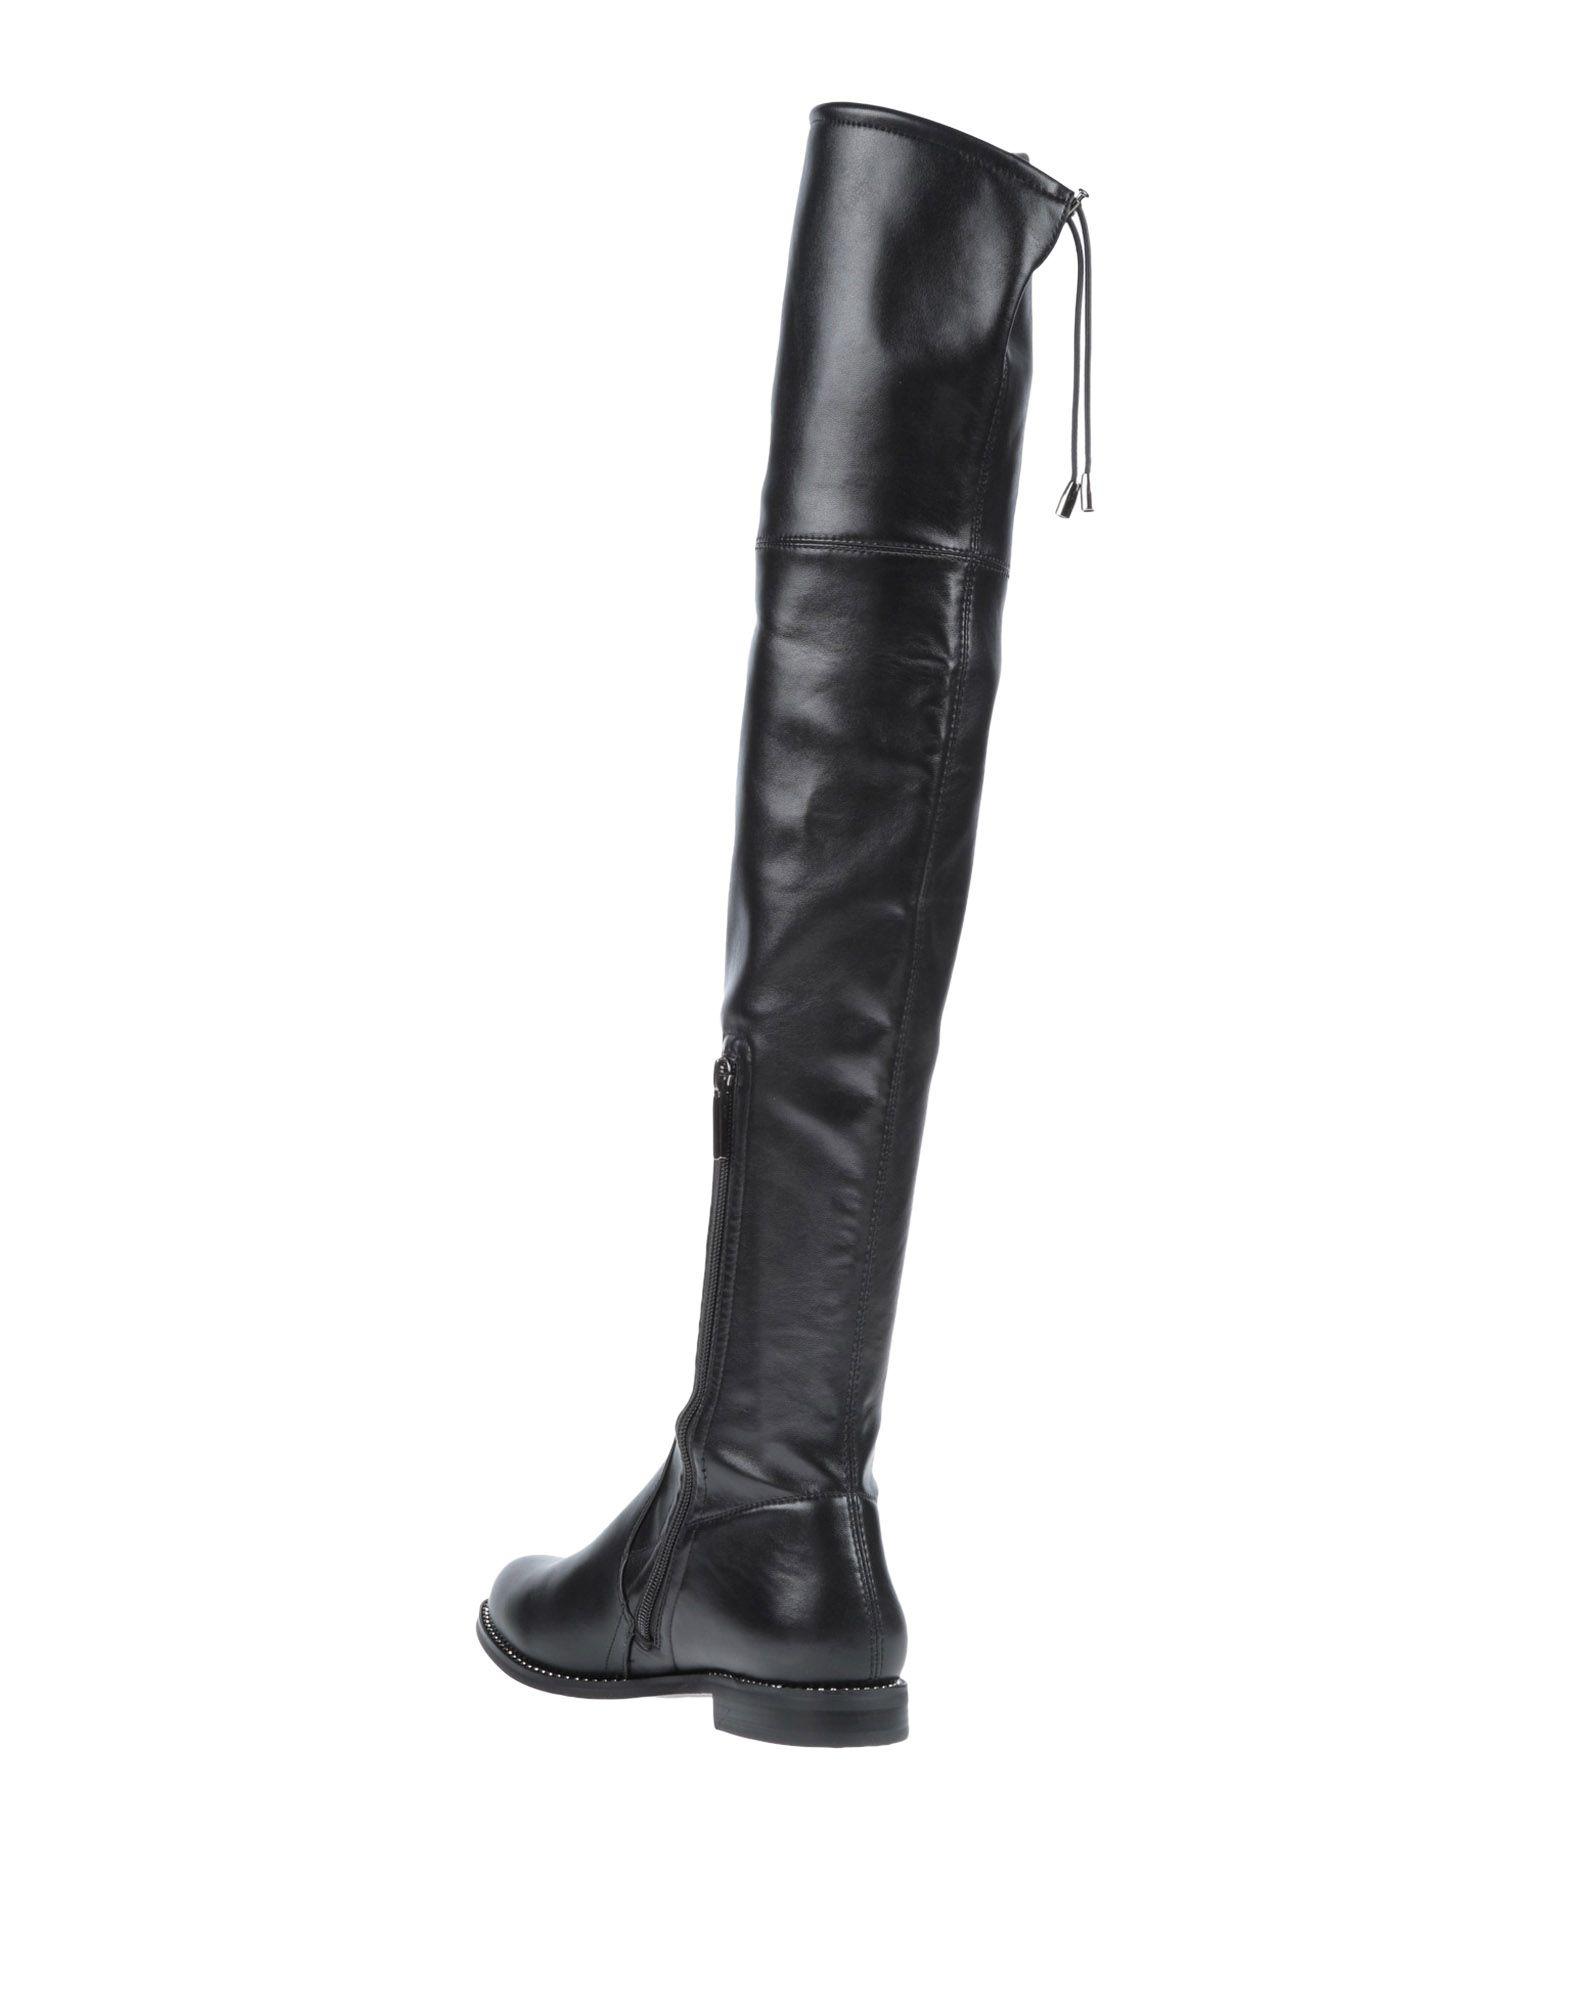 Laura Biagiotti Stiefel beliebte Damen  11509355UQ Gute Qualität beliebte Stiefel Schuhe bcc937